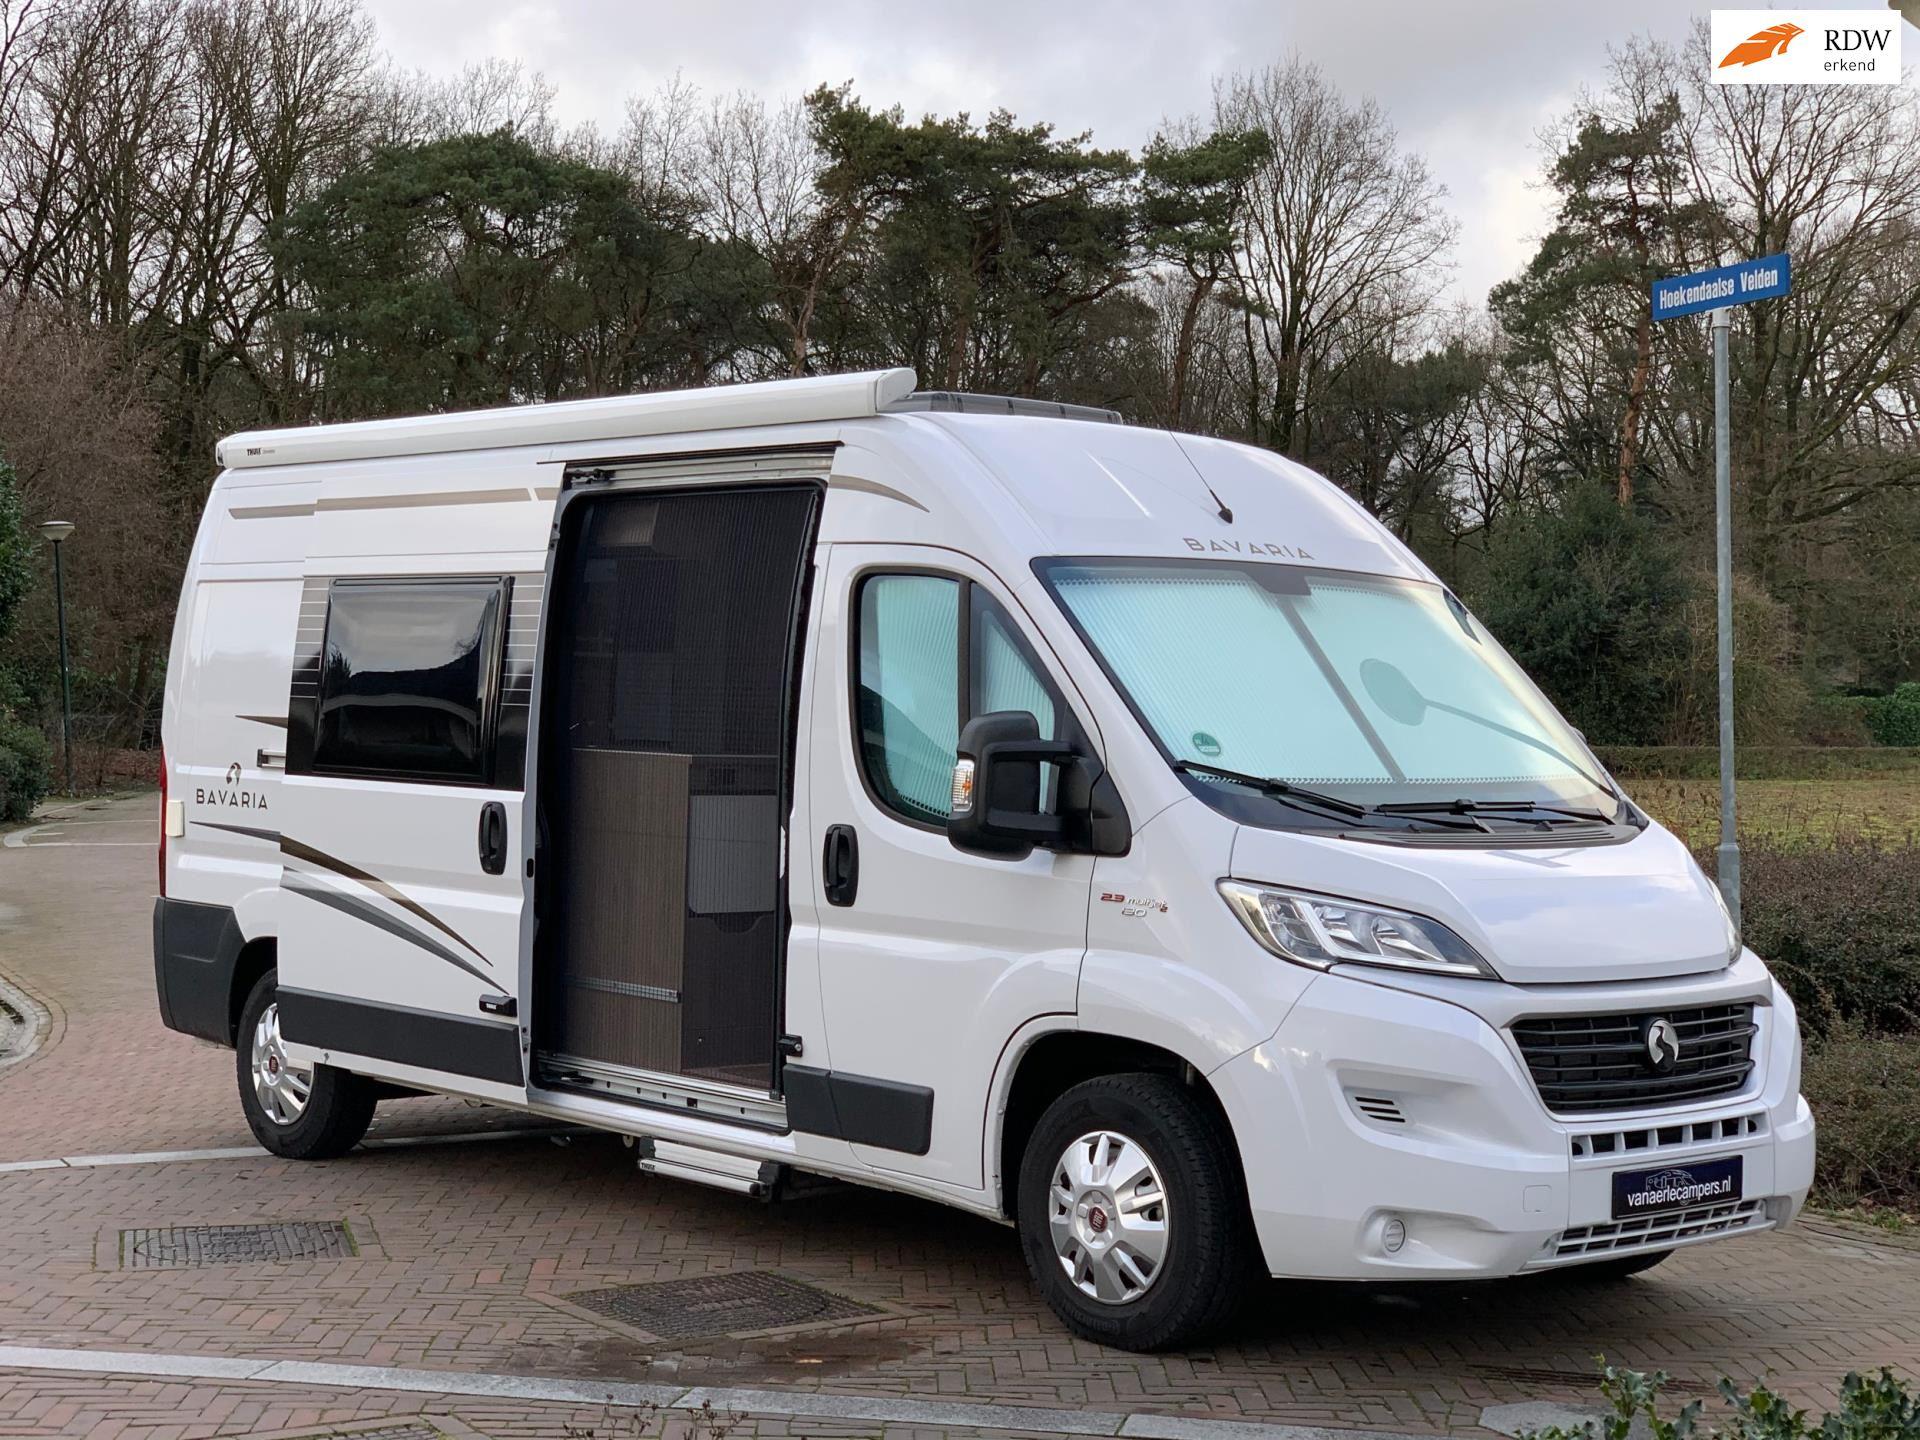 Pilote Bavaria V600 Buscamper-Zeer exclusief-Xl Koelkast-Ruimtelijke indeling occasion - Eric van Aerle Auto's